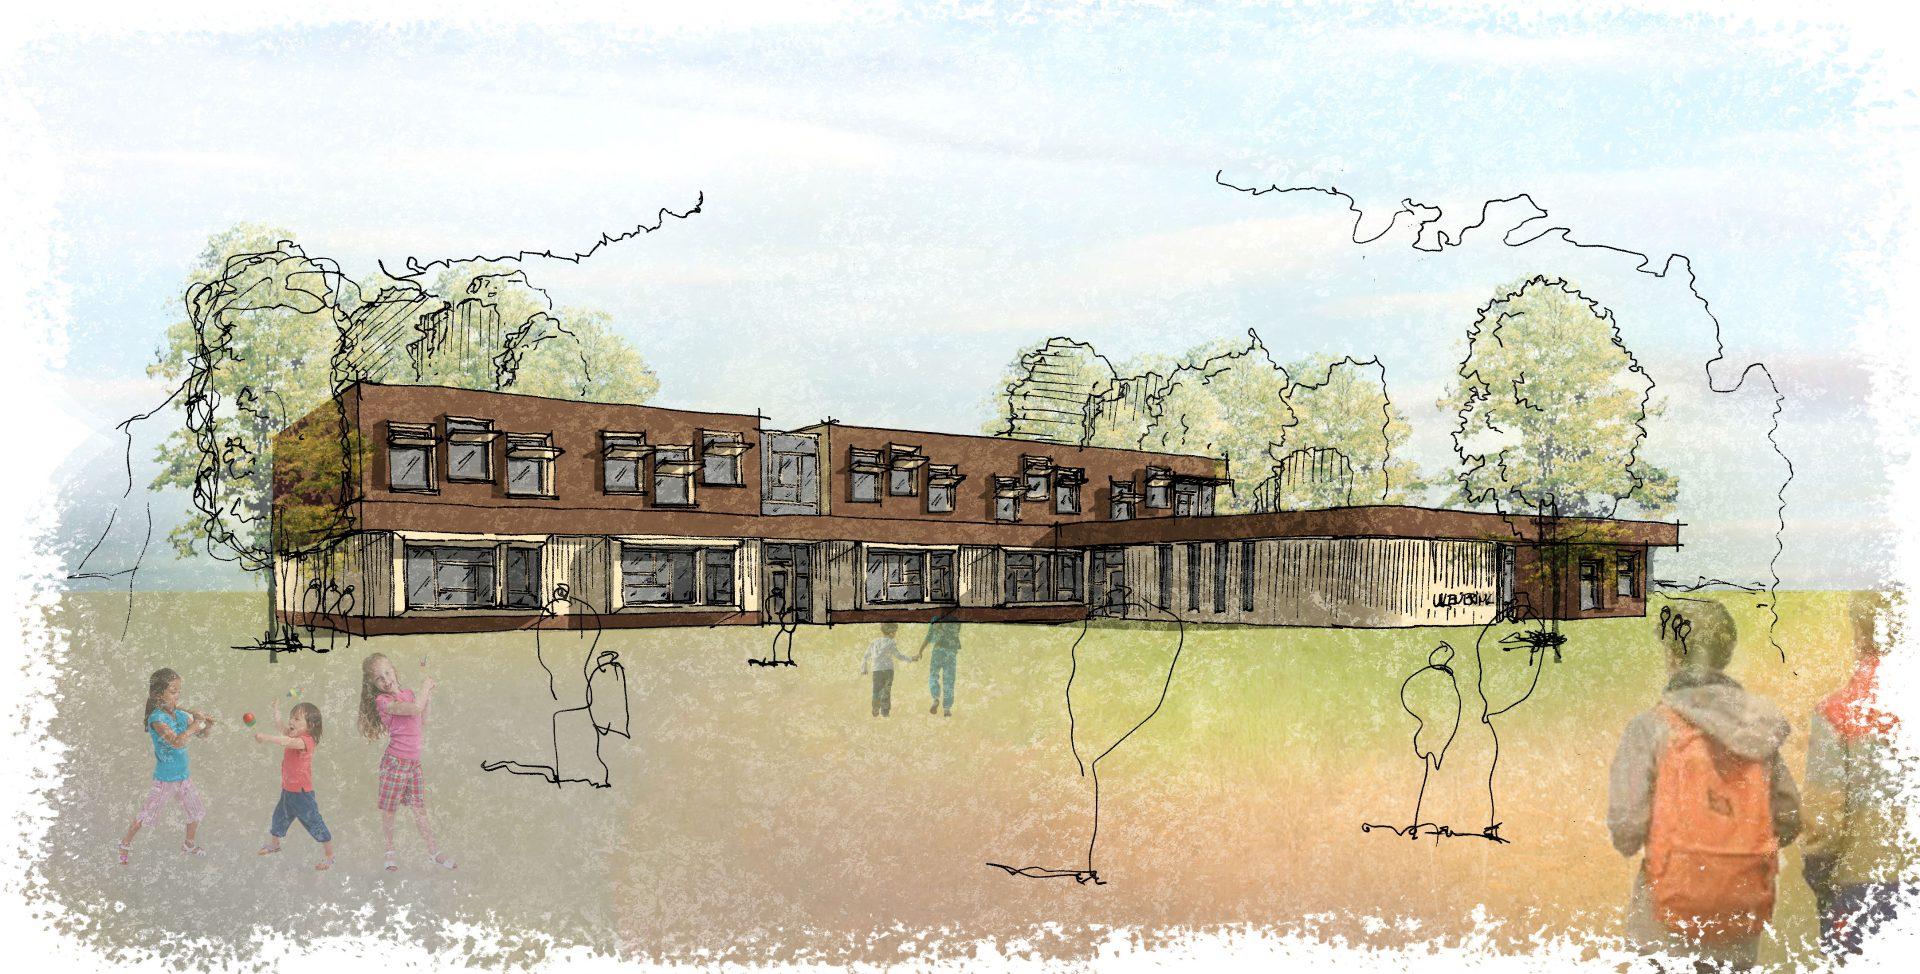 Verbouw OBS De Uilenbrink, Veghel